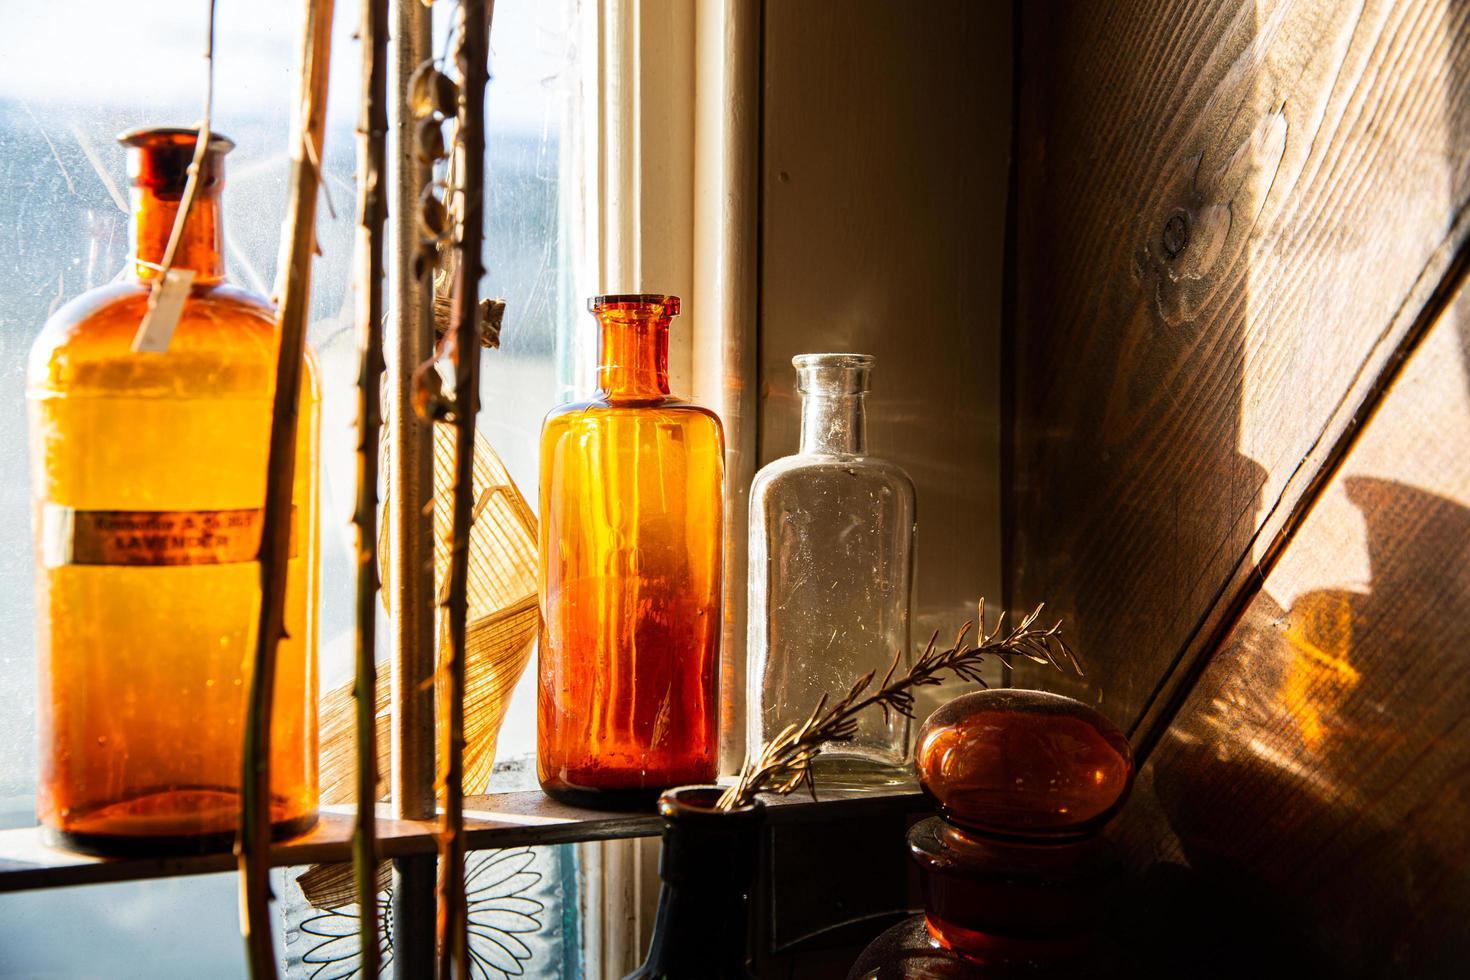 garrafas de vidro em uma prateleira perto de uma janela foto